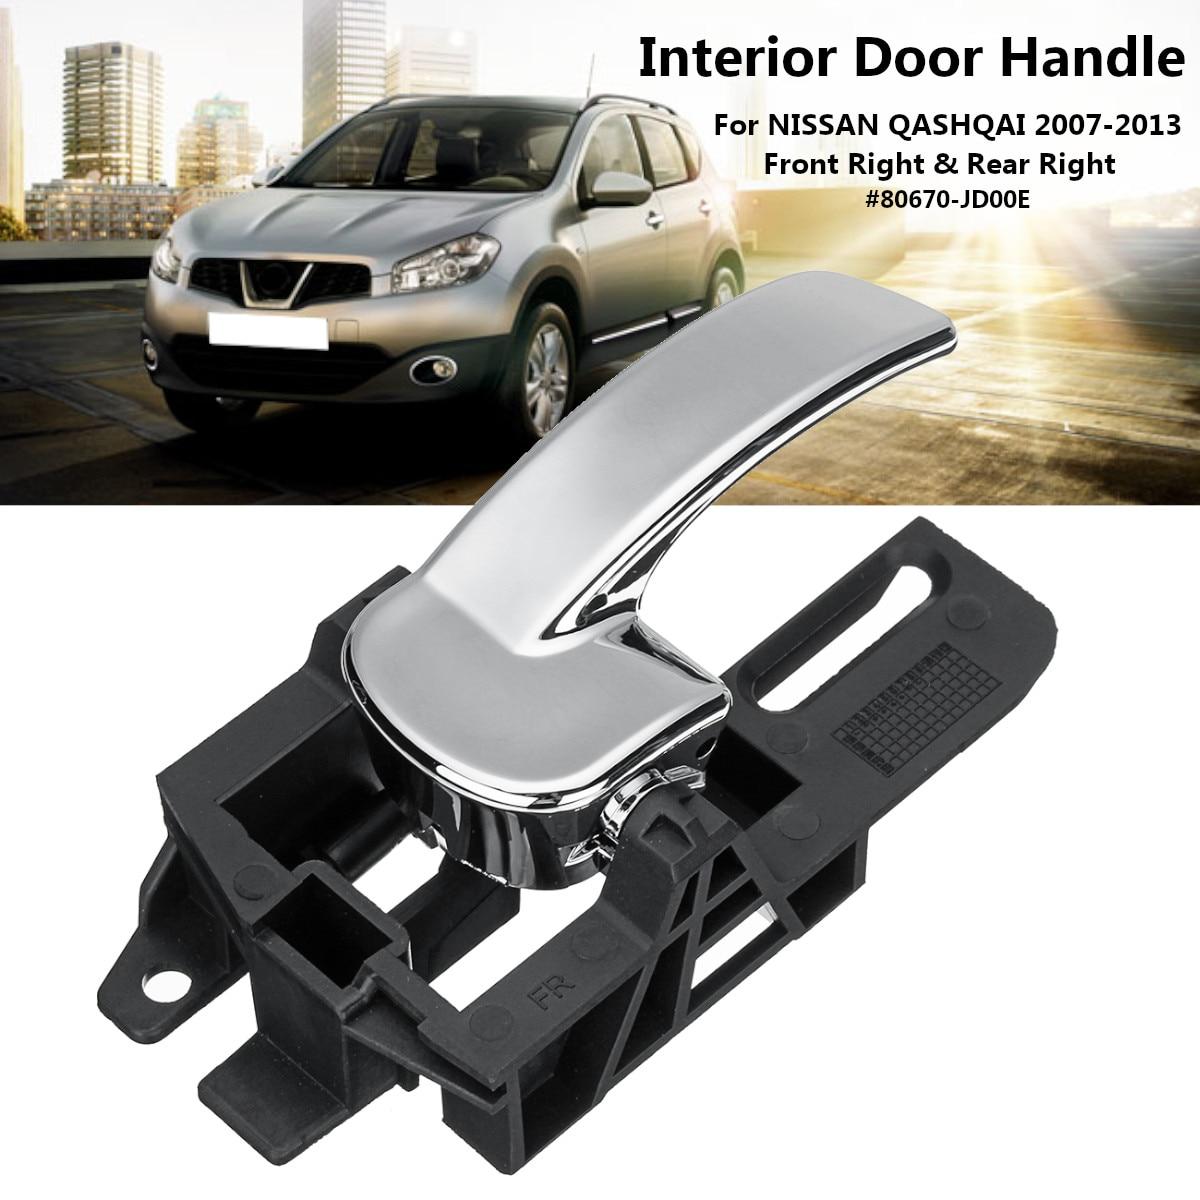 Links + Rechts Auto Interieur Deurklink Voor Nissan Qashqai 2007-2013 80670-JD00E/80670JD00E 80671-JD00E